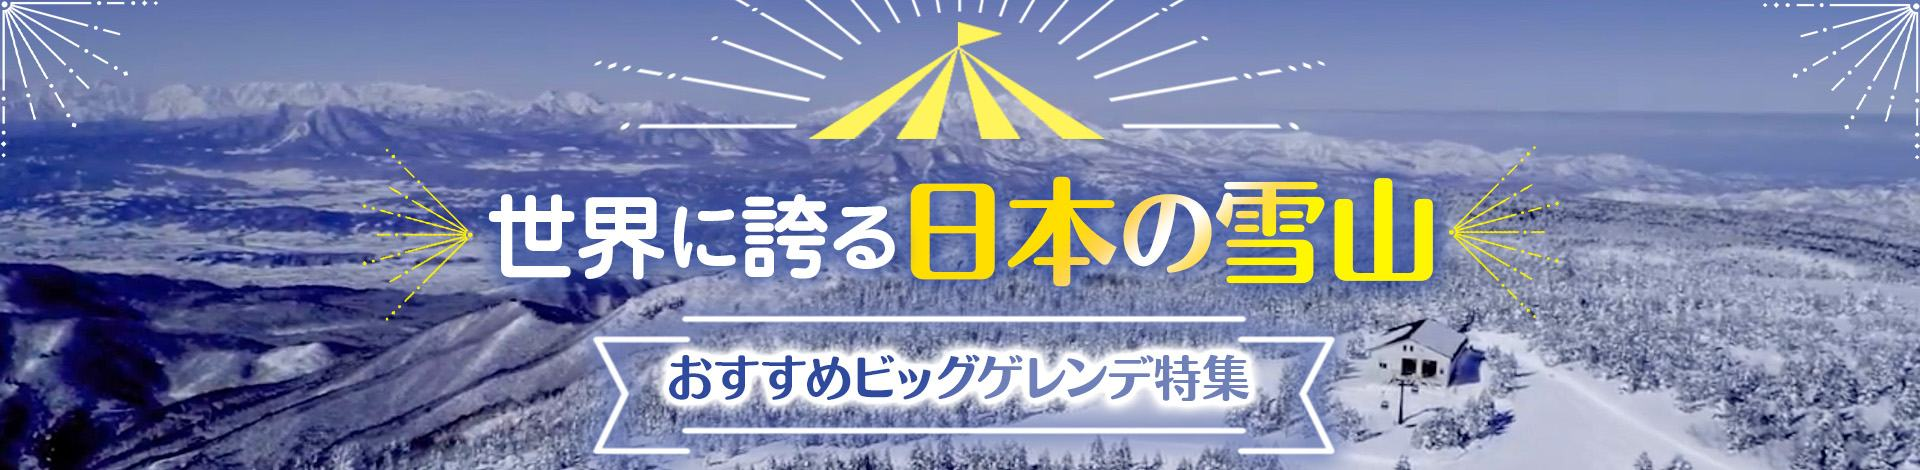 世界に誇る日本の雪山 おすすめビッグゲレンデ特集